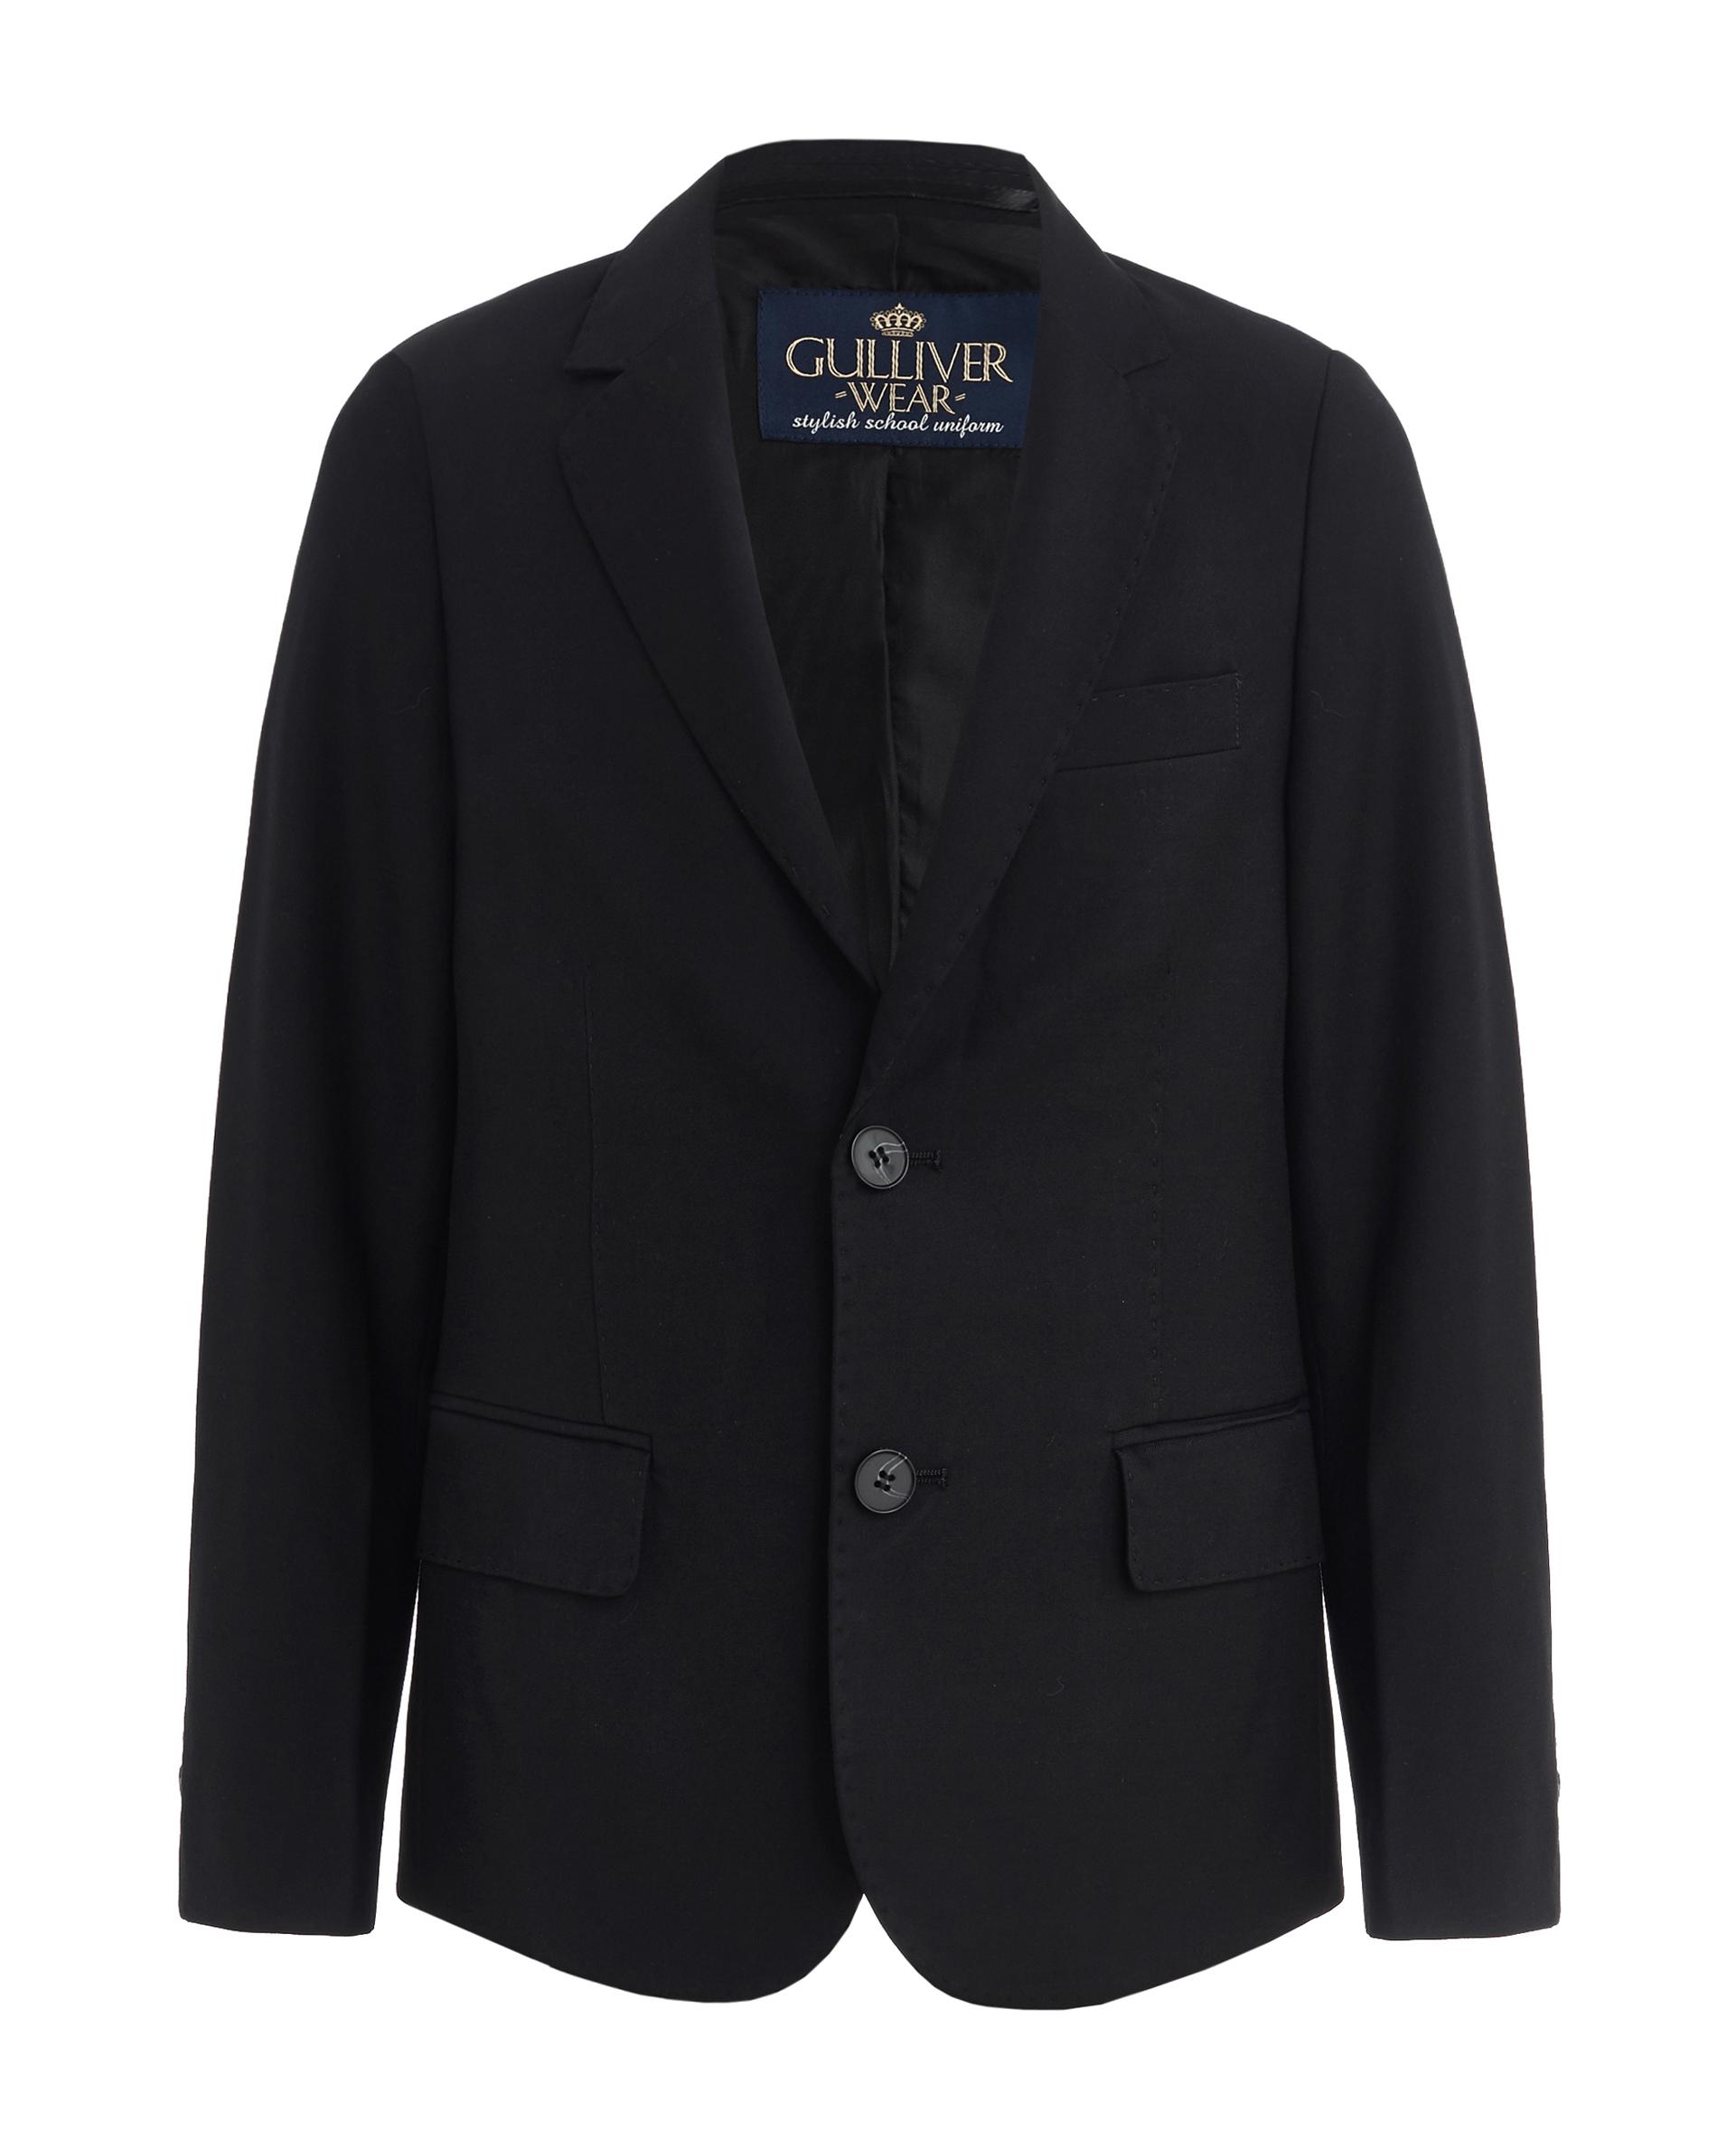 Купить 219GSBC4801, Черный пиджак Gulliver, черный, 170, Мужской, ШКОЛЬНАЯ ФОРМА 2019-2020 (shop: GulliverMarket Gulliver Market)